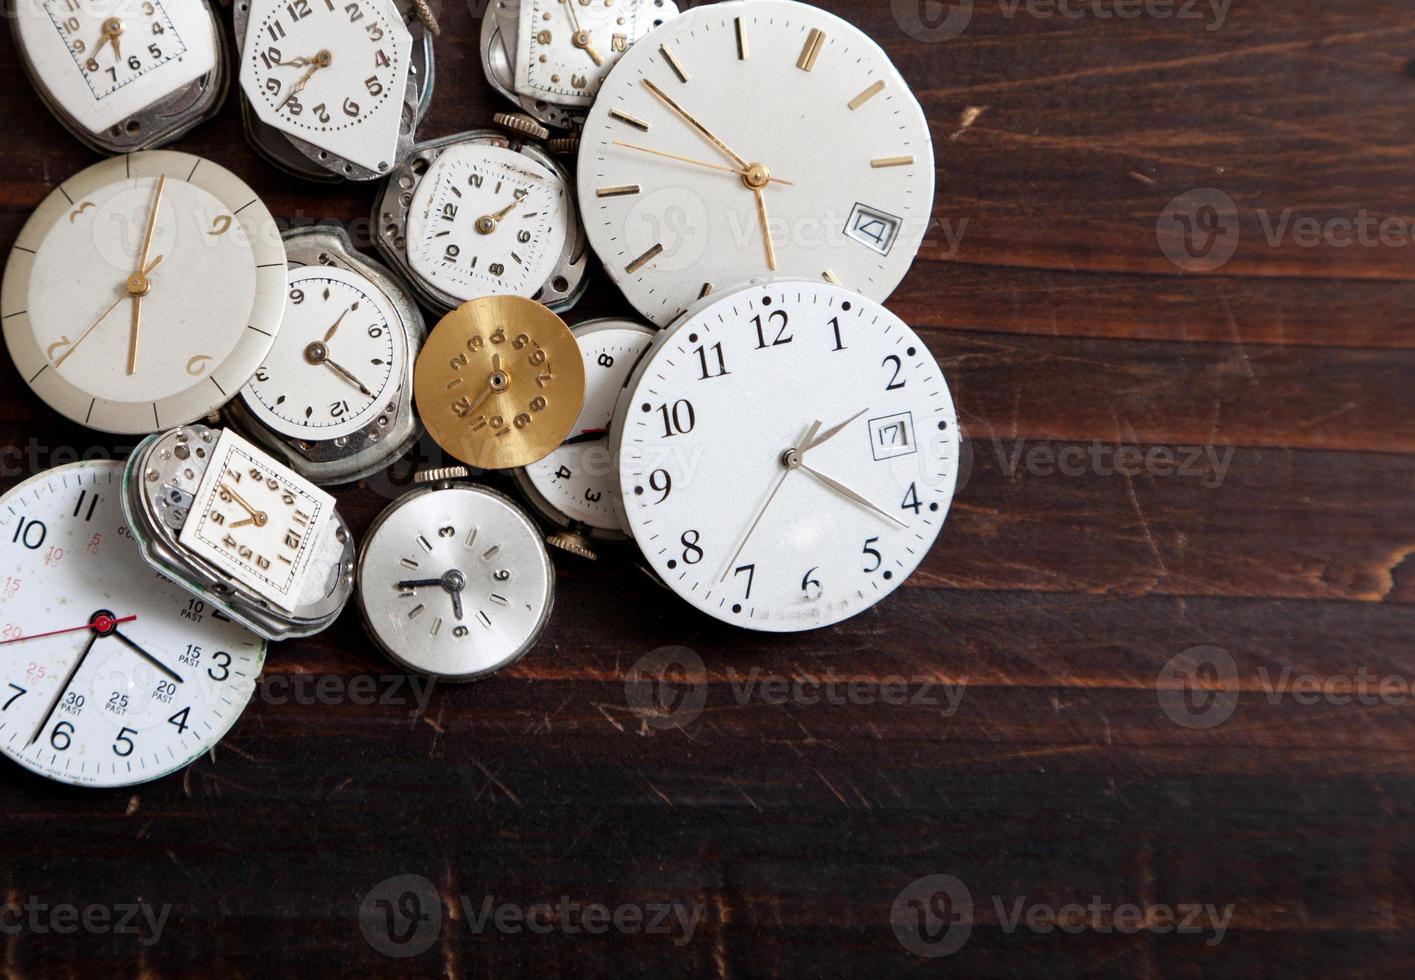 grande variedade de mostradores de relógio de pulso em um fundo de madeira foto